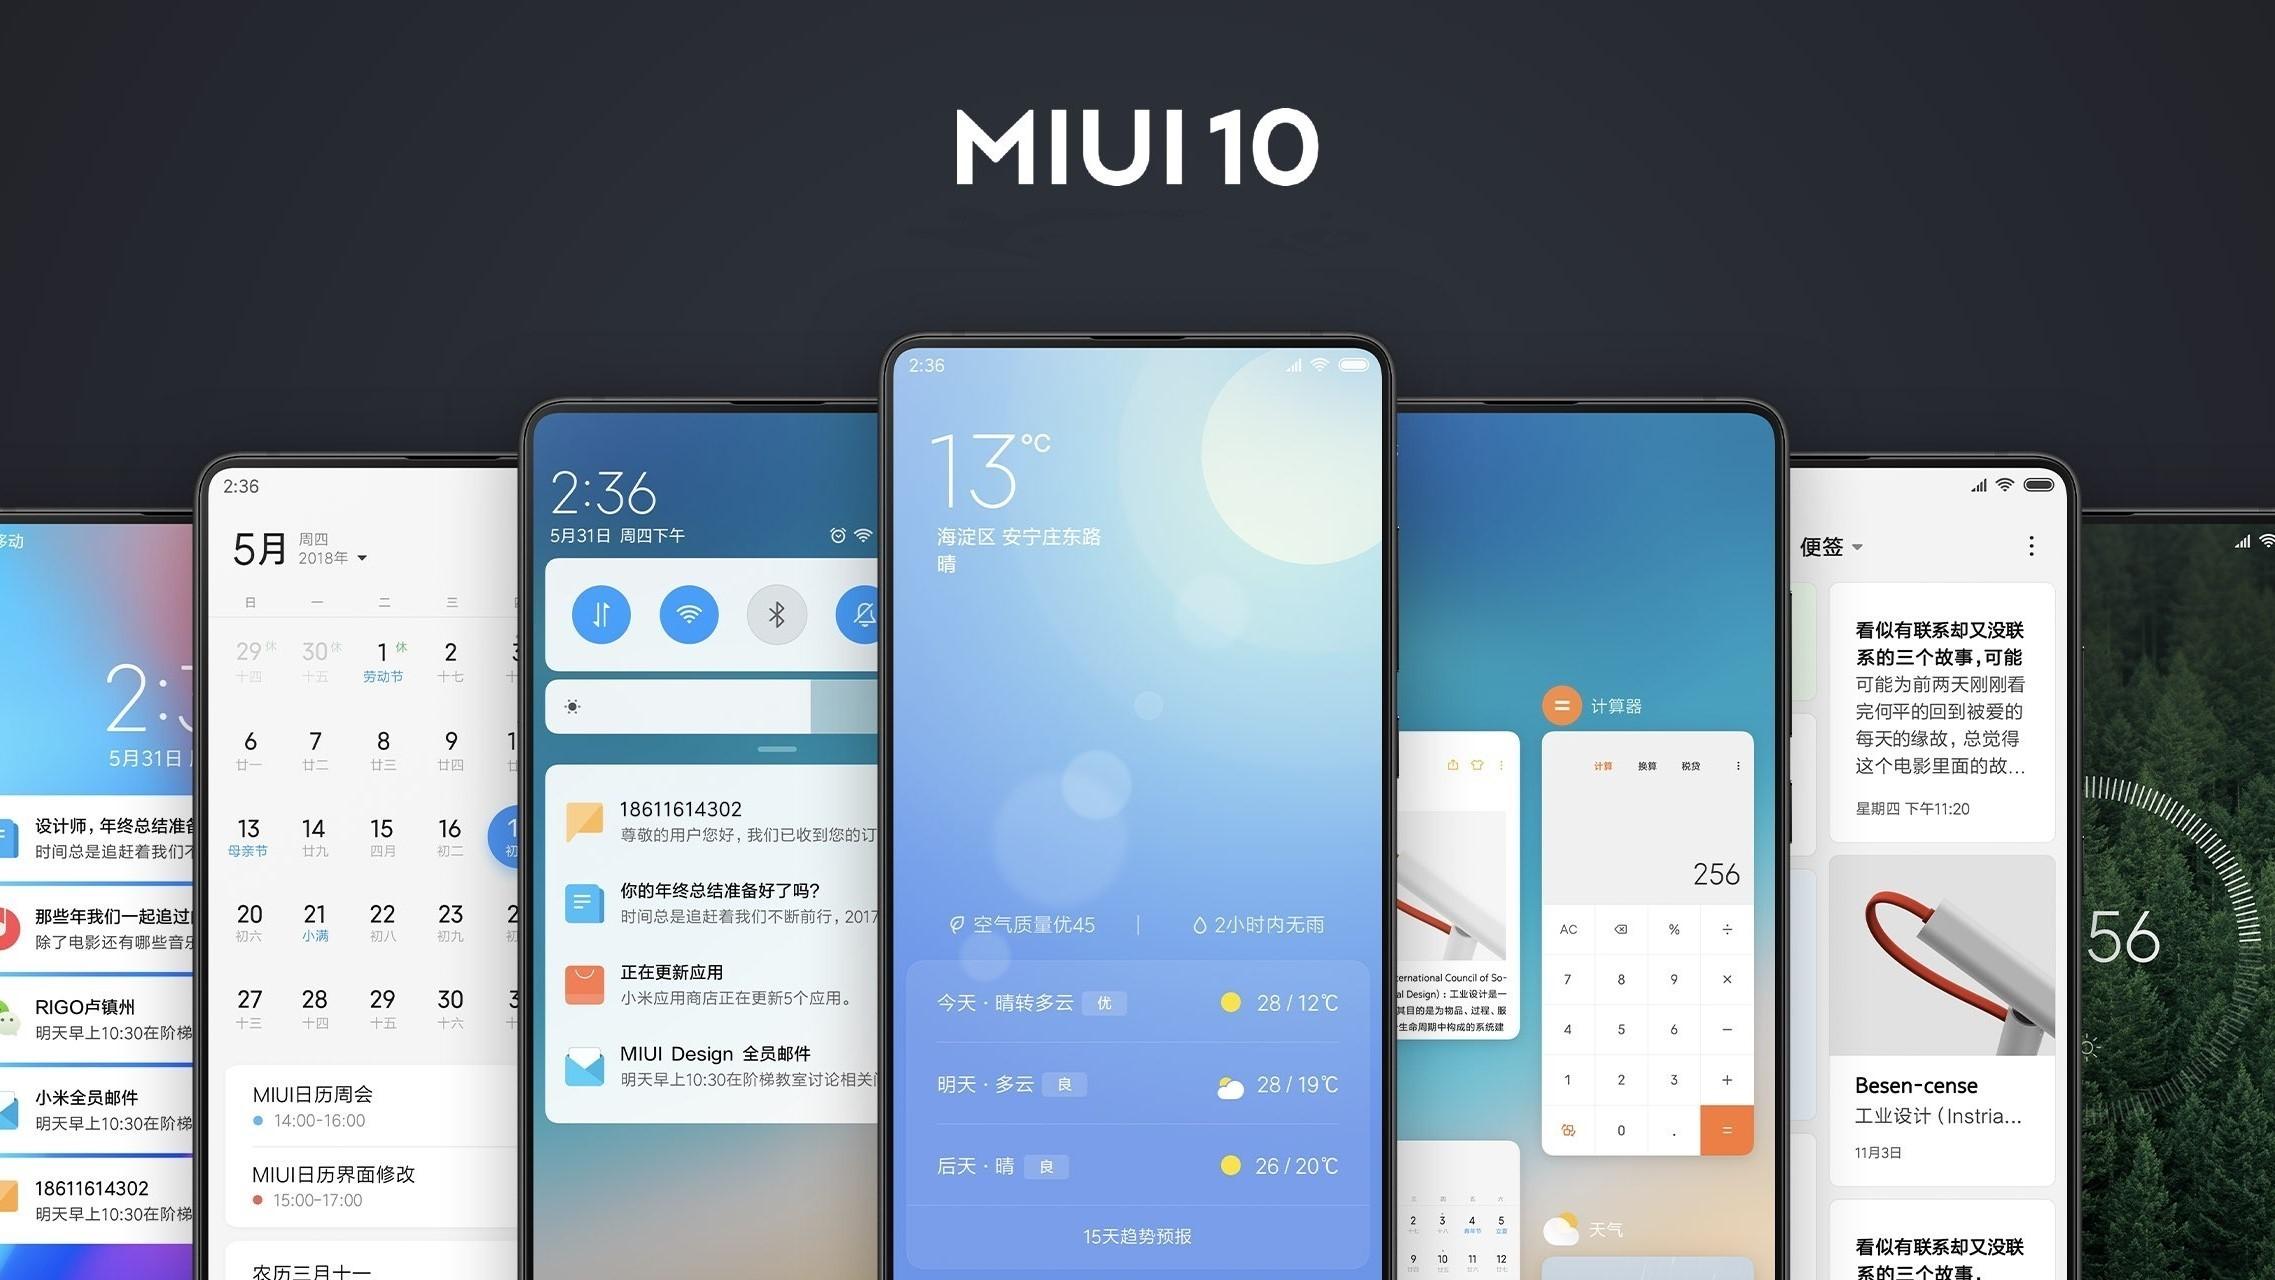 MIUI 10: искусственный интеллект в каждом сантиметре